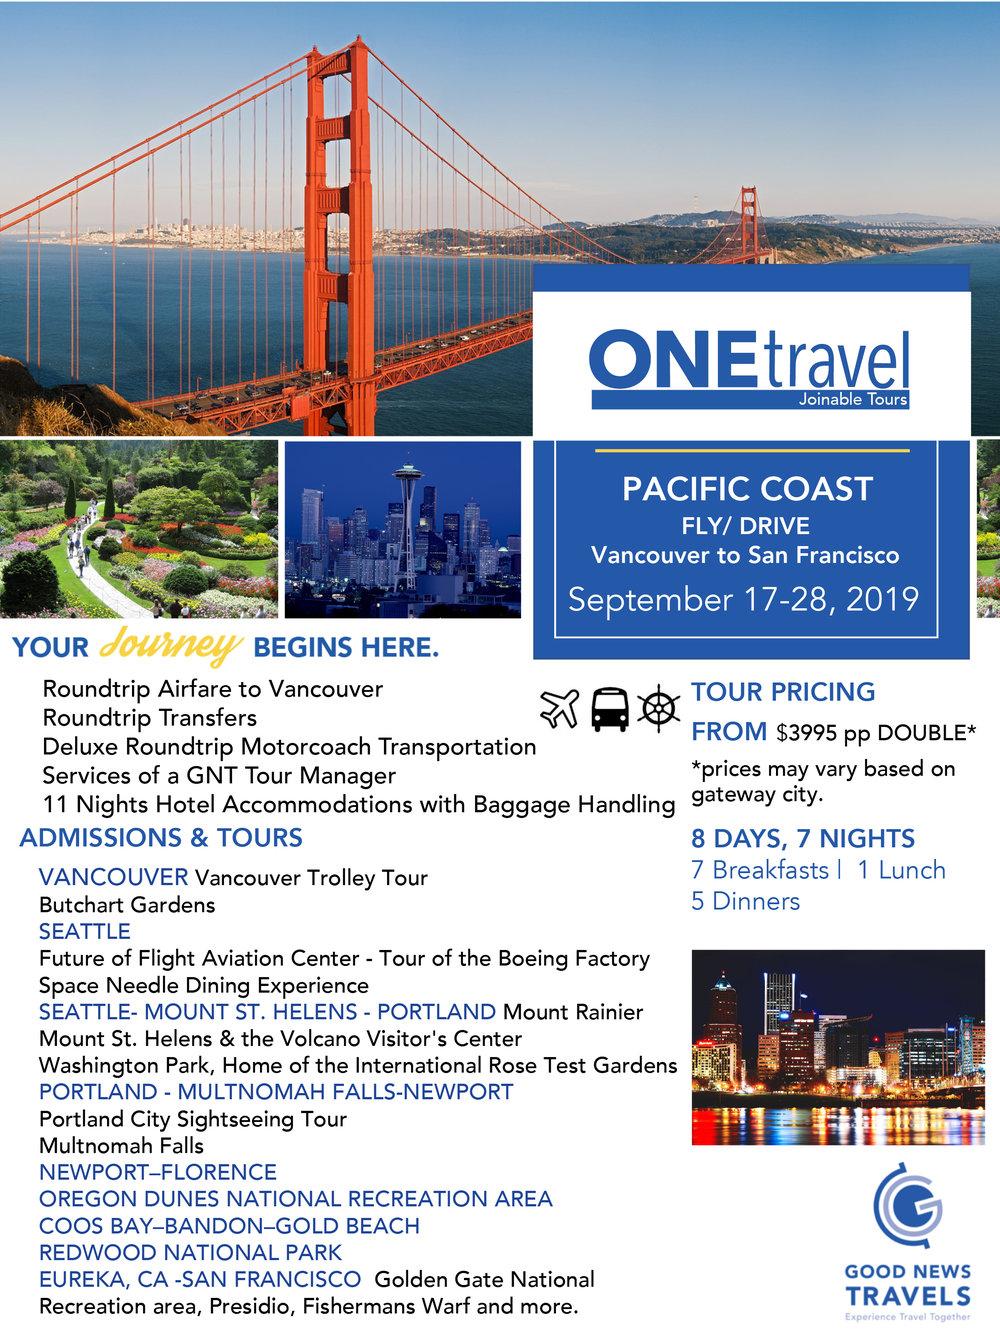 ONEtravel_VancouvertoSanFrancisco_flyer-1.jpg